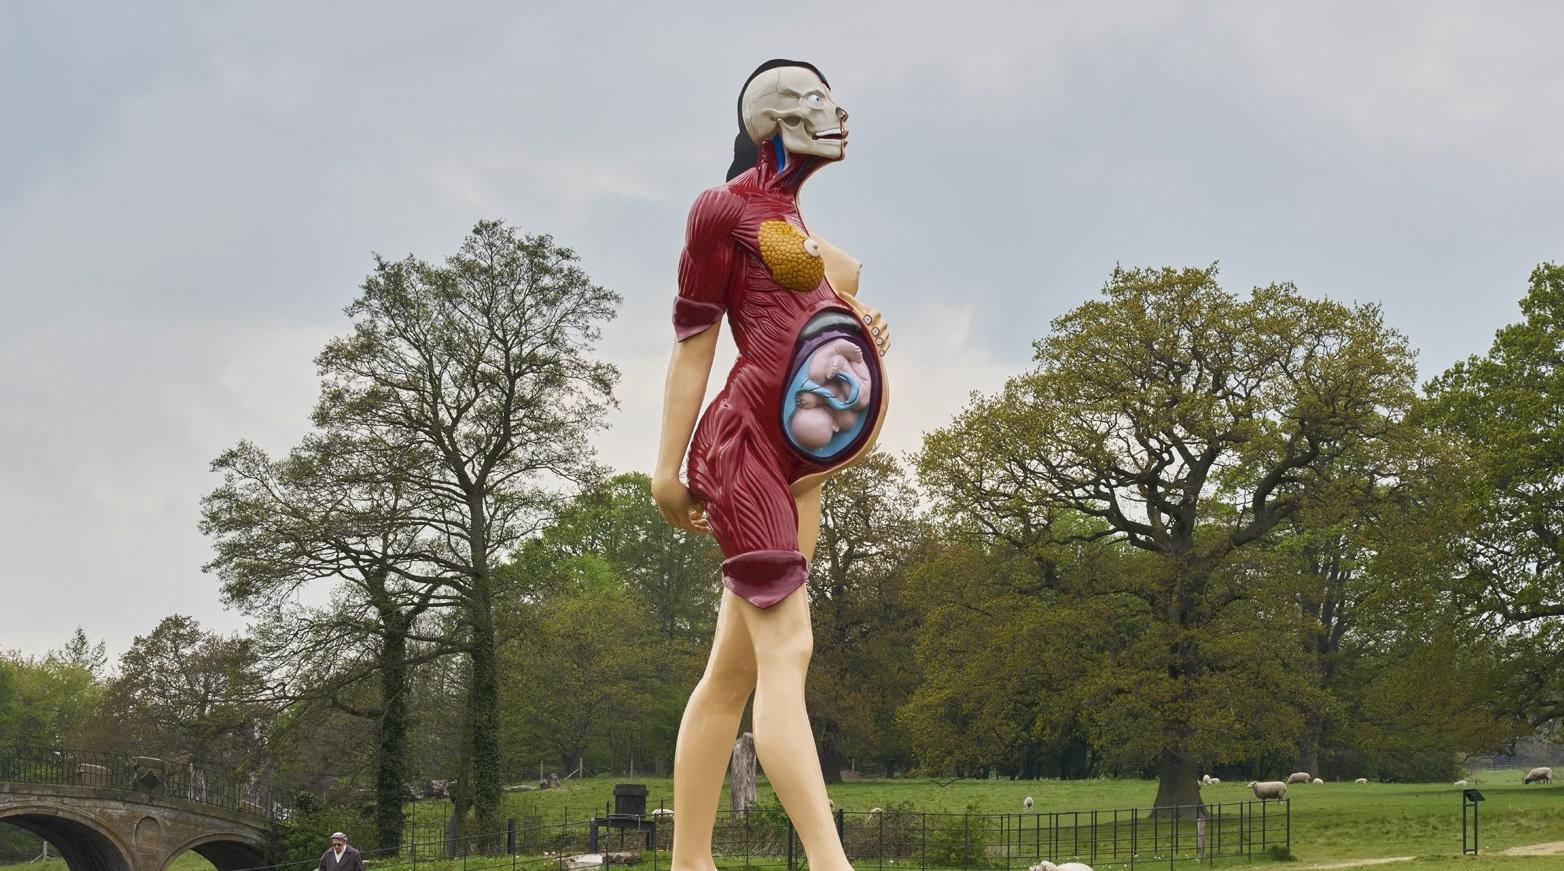 Vulve, forchette e tanto altro: le sculture più strane del mondo